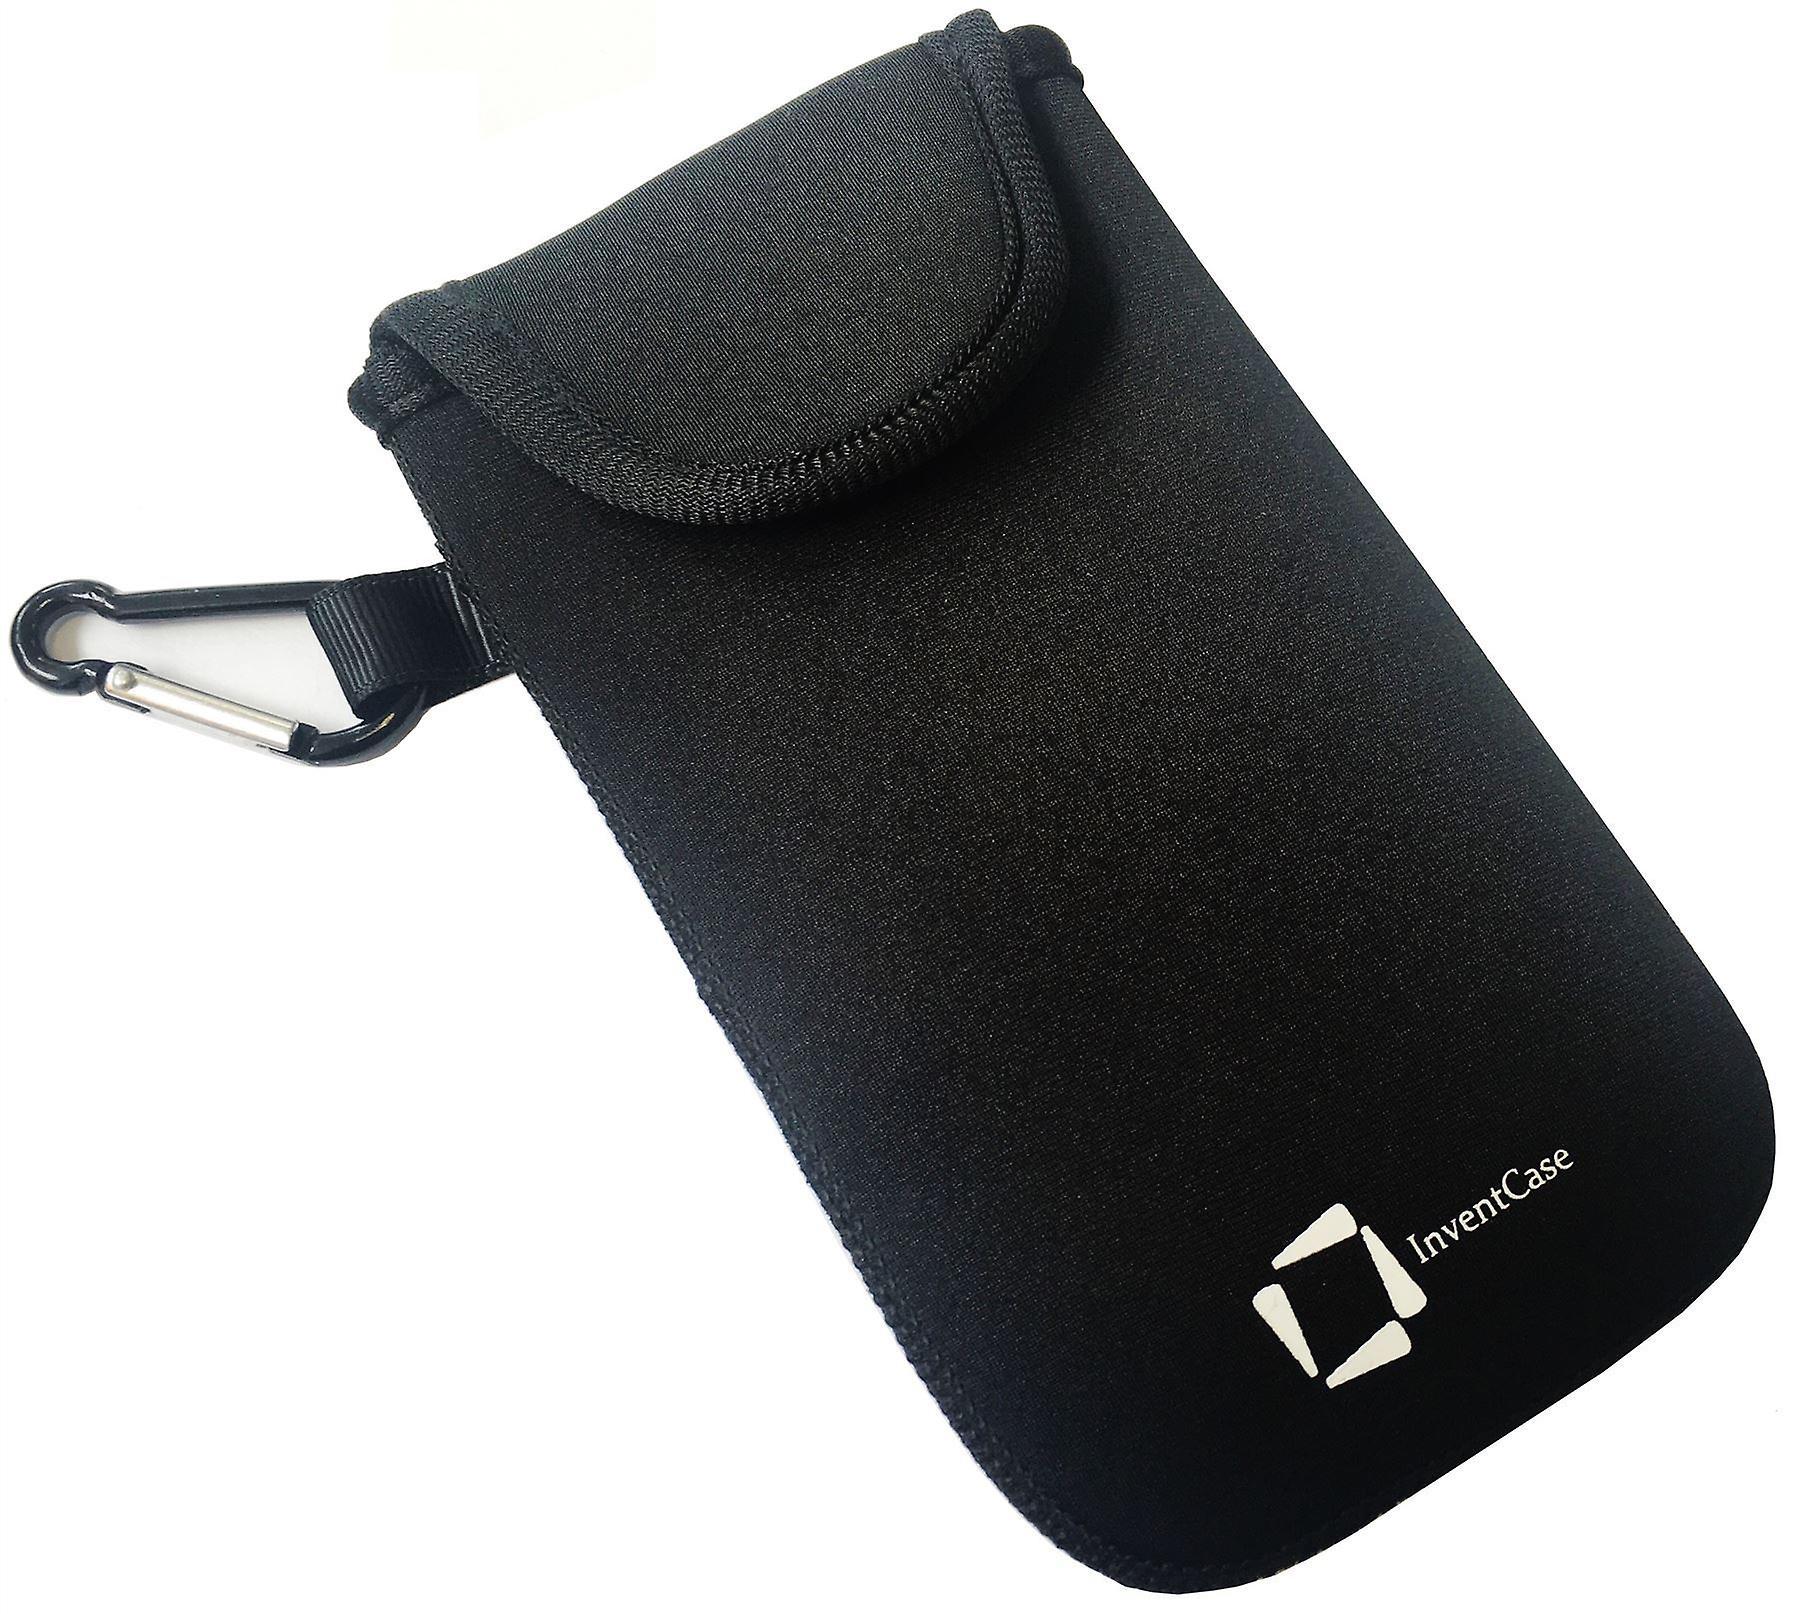 كيس تغطية القضية الحقيبة واقية مقاومة لتأثير النيوبرين إينفينتكاسي مع إغلاق Velcro و Carabiner الألومنيوم لهتك الفراشة--الأسود